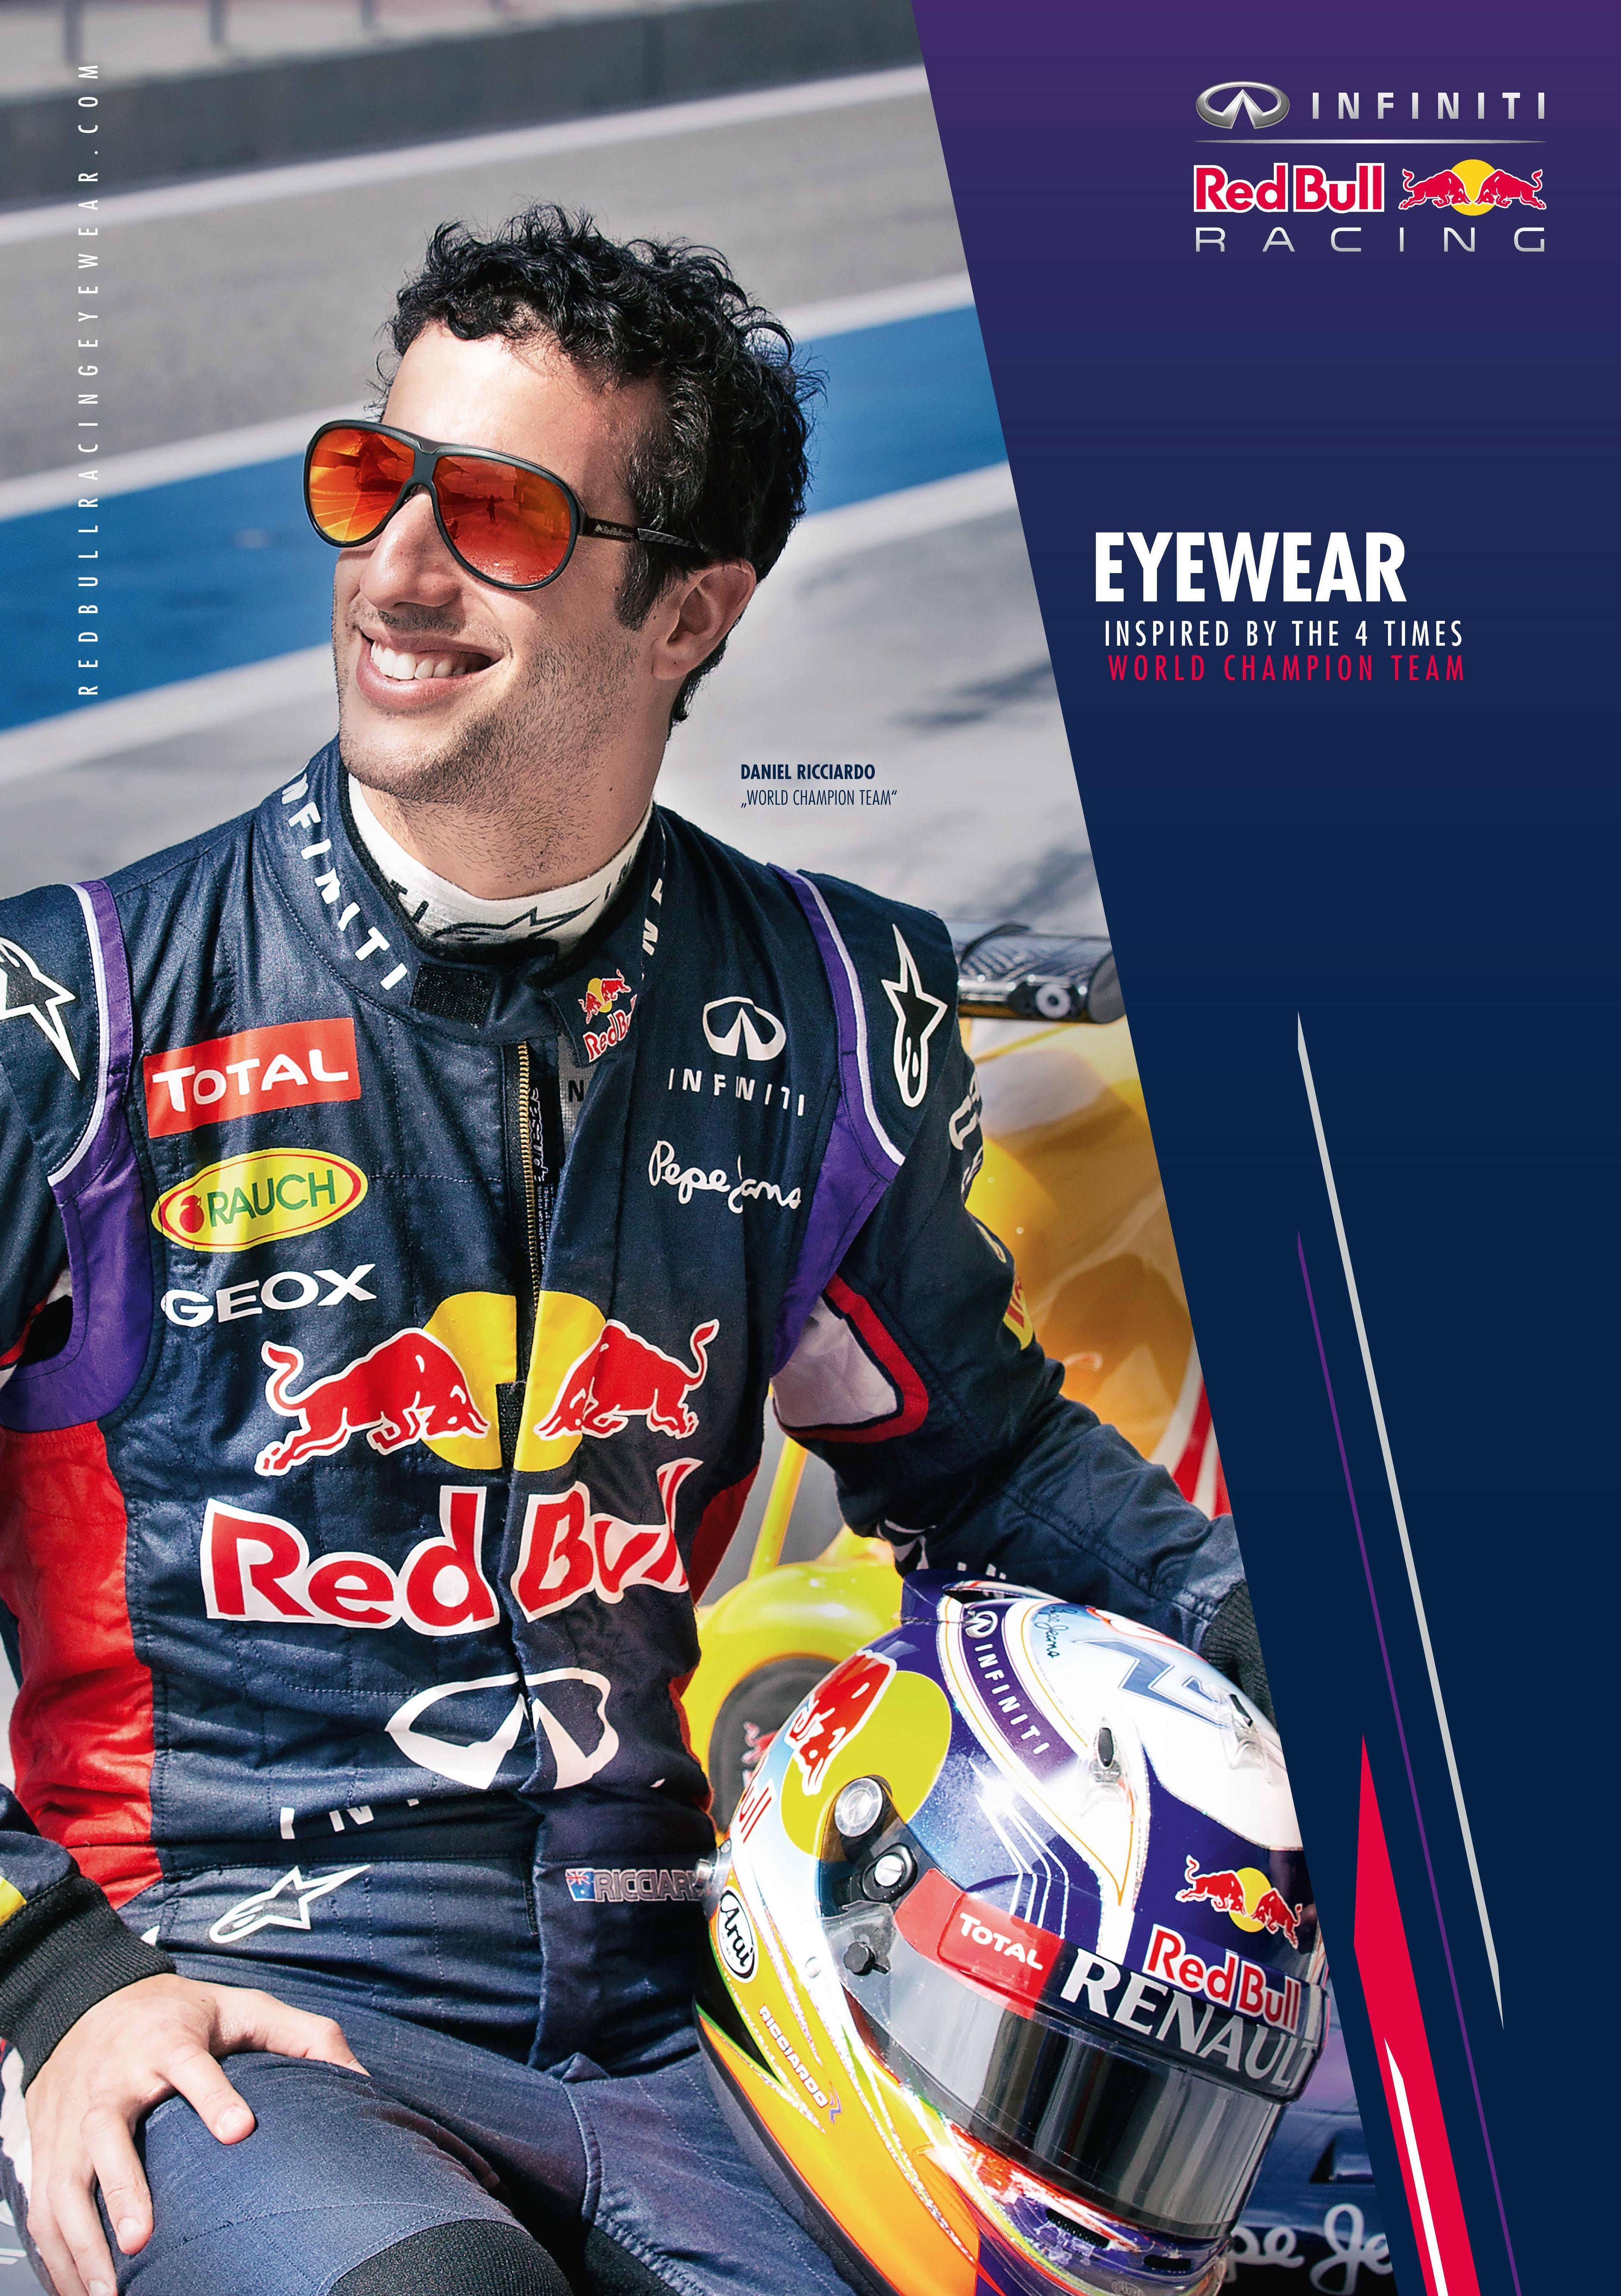 Gafas de sol Red Bull